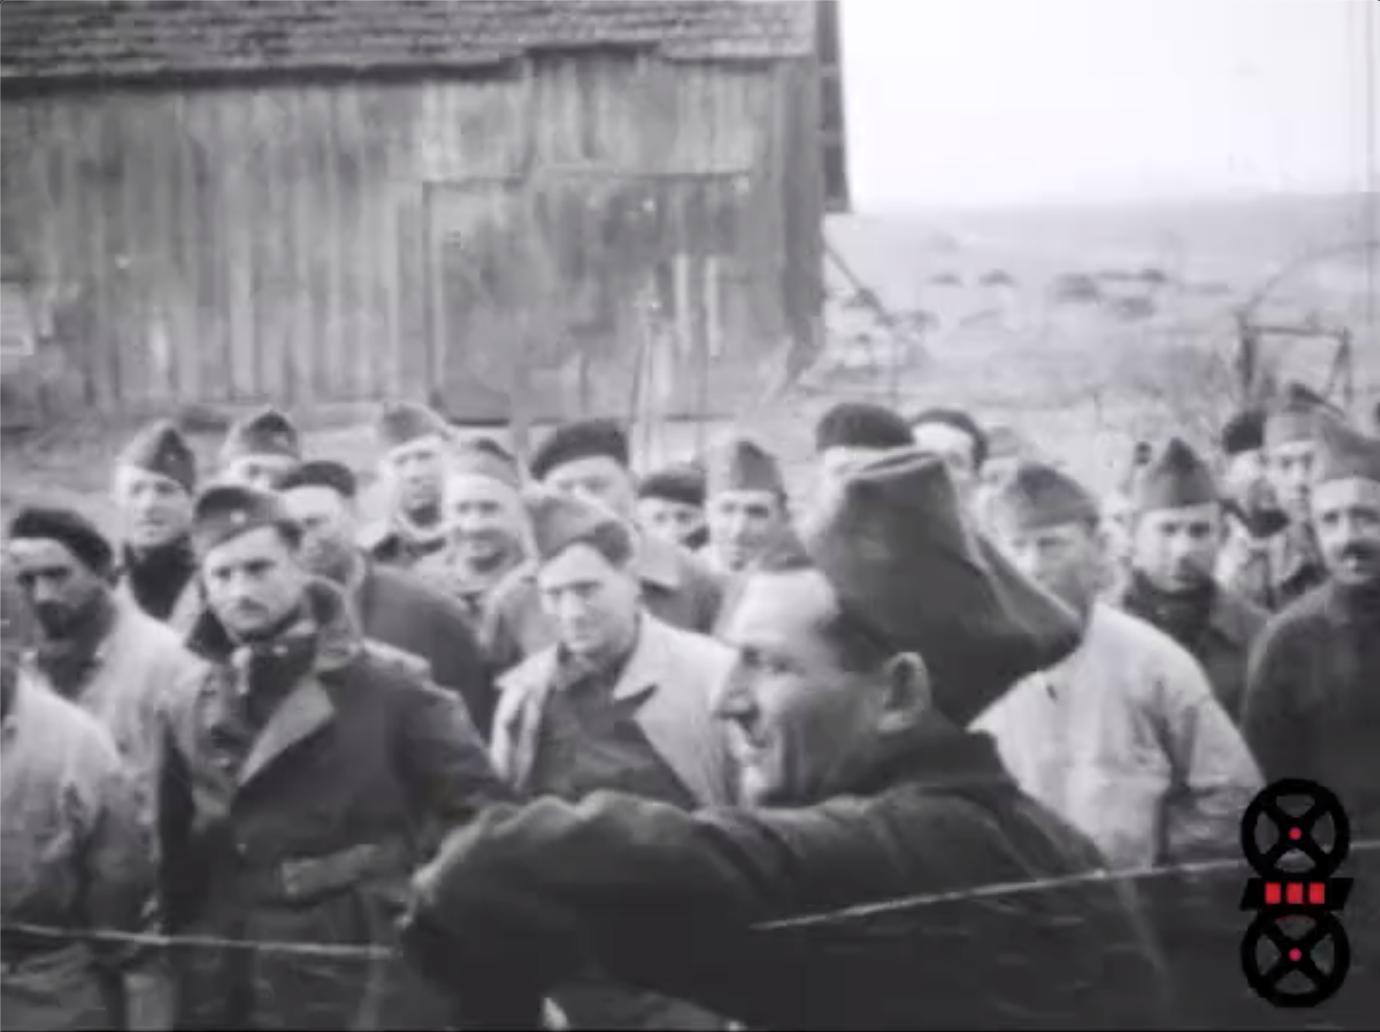 Noël 1938 - Drôle de guerre - Départ exode